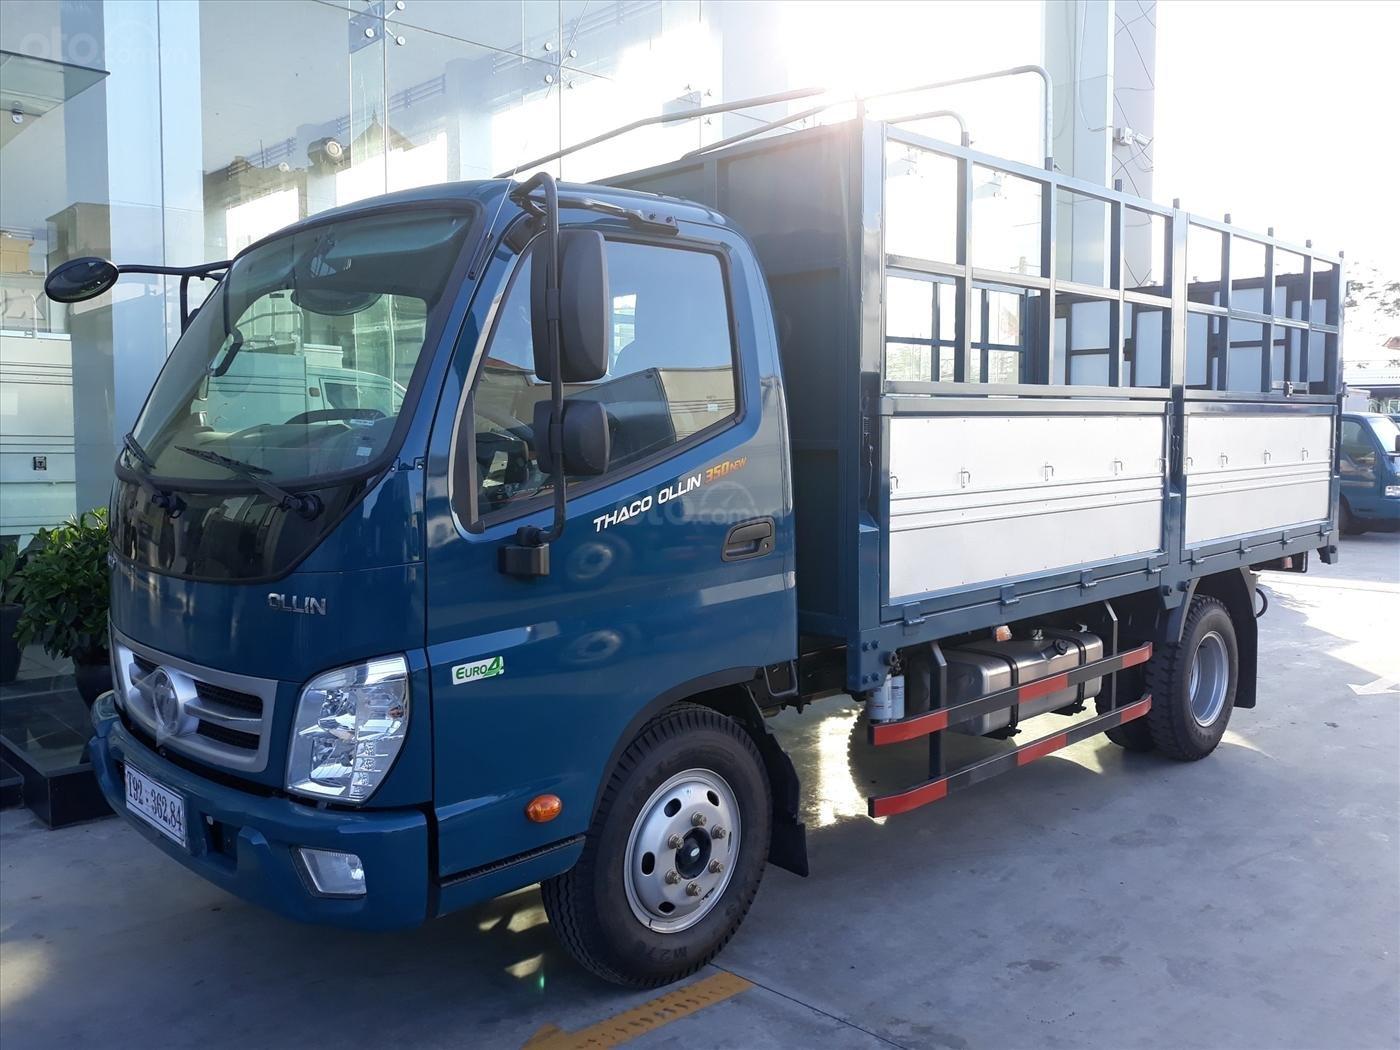 Bán xe Thaco Ollin 350. E4 3,49 tấn/2,2 tấn thùng 4,35 mét, giá chỉ 354 triệu. Lh Lộc 0937616037-0